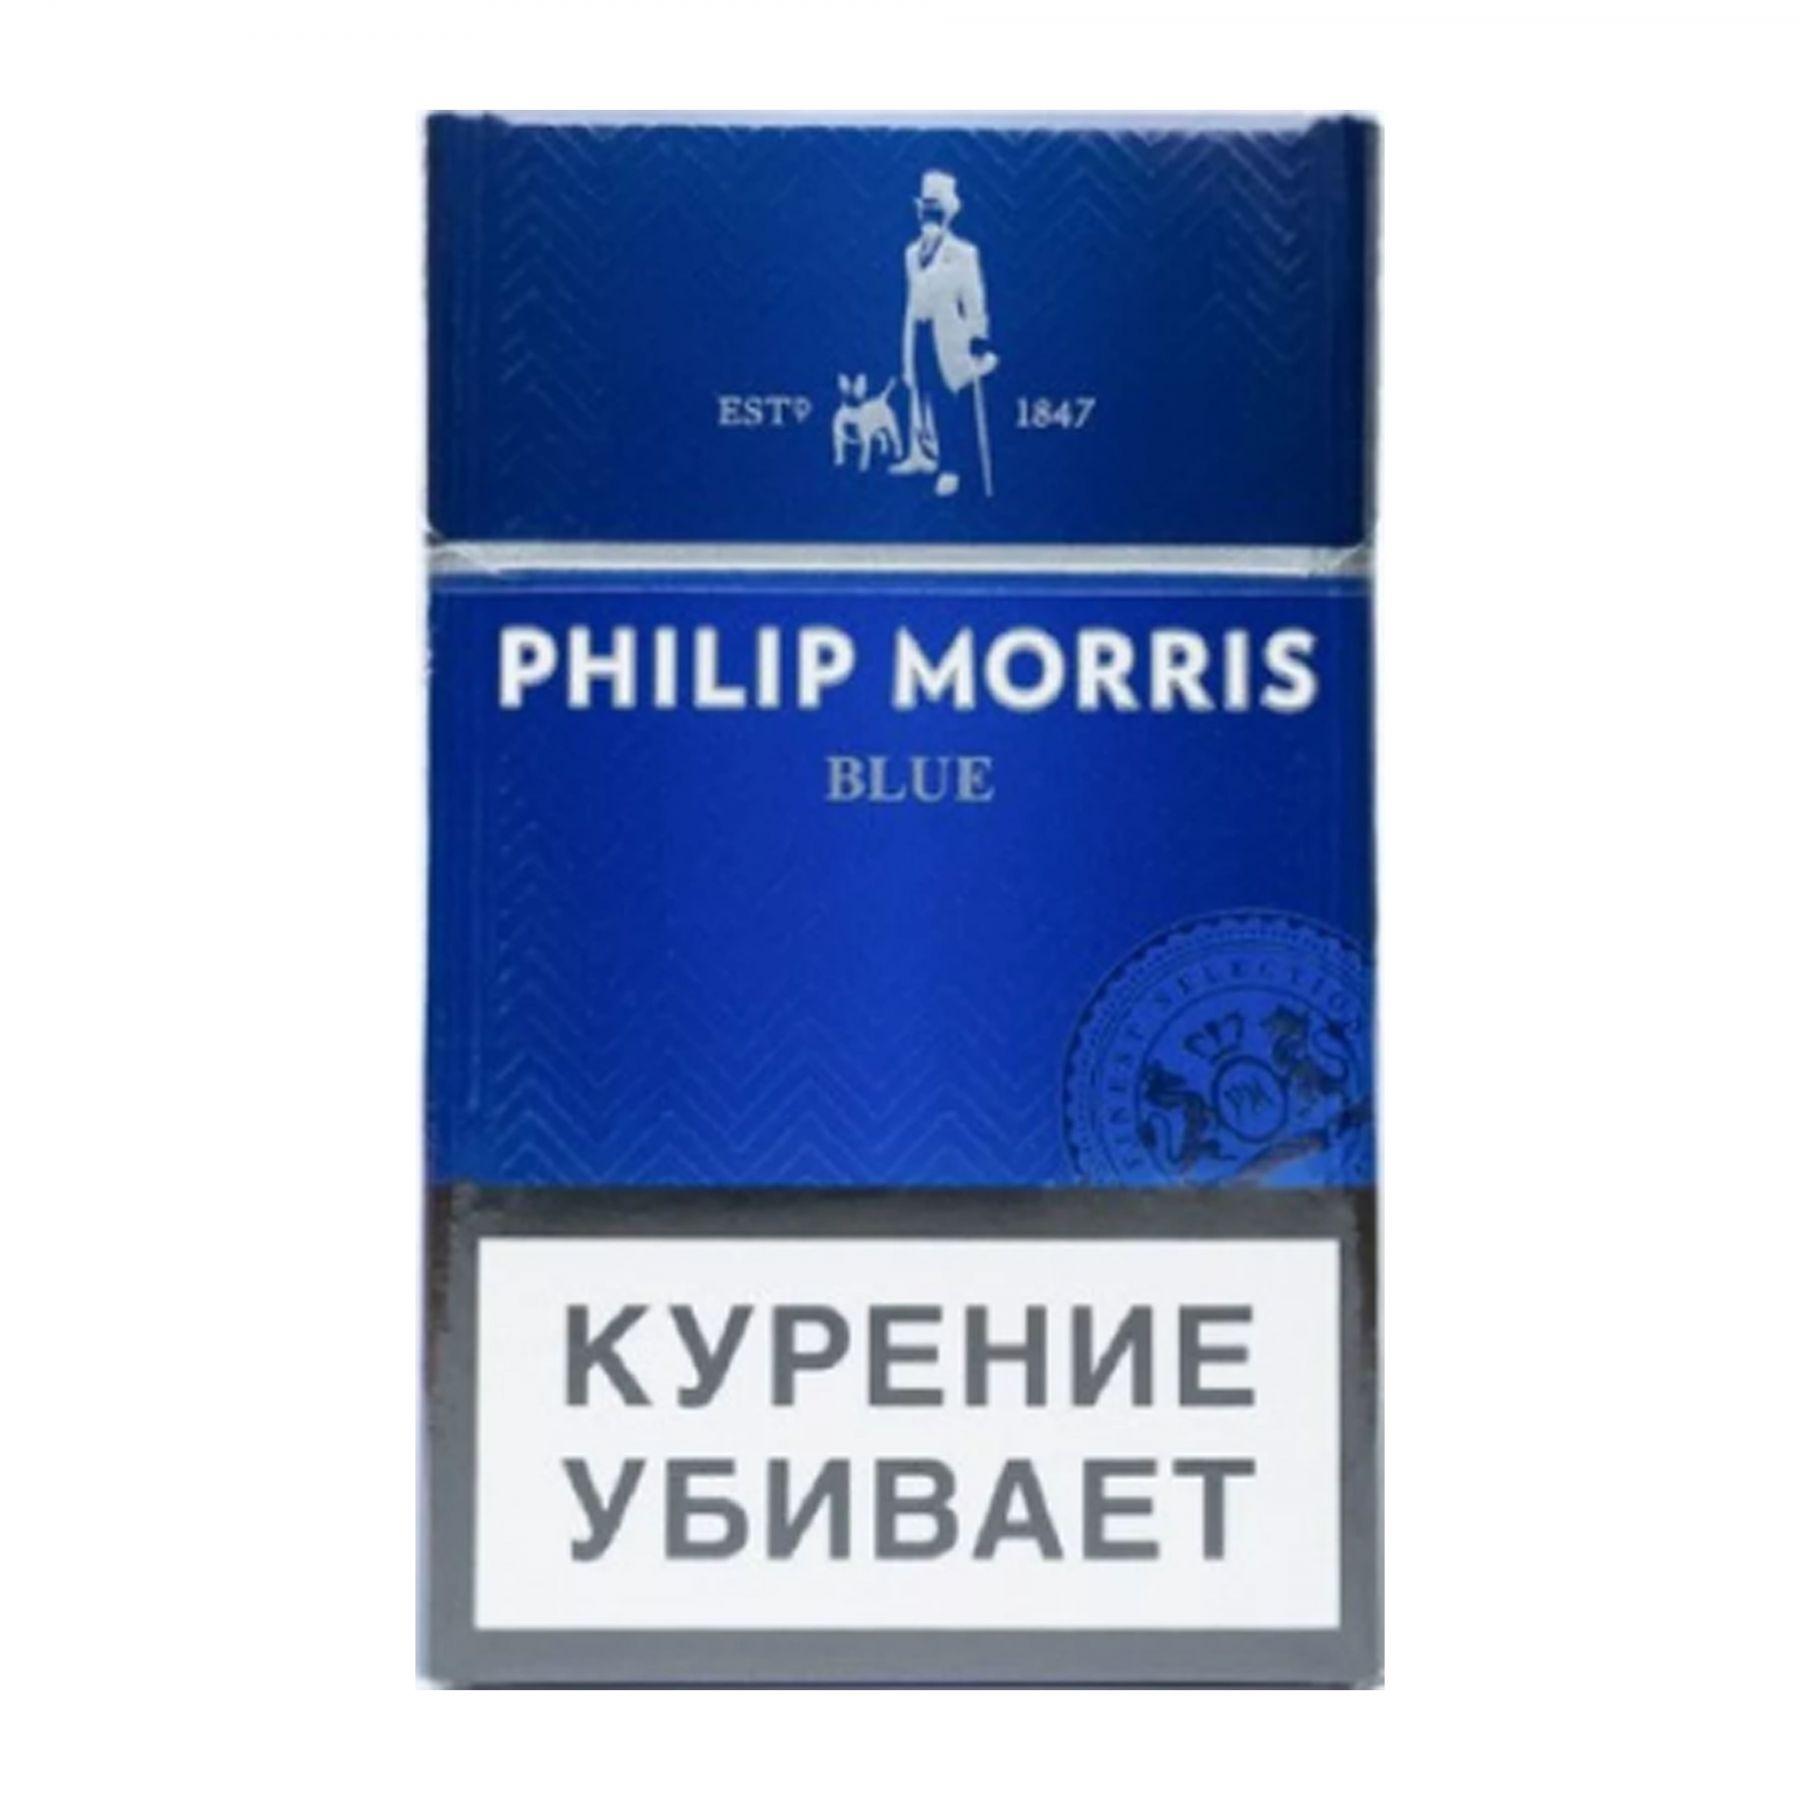 Купить сигареты филип моррис в санкт петербурге как вернуть к жизни одноразовую электронную сигарету